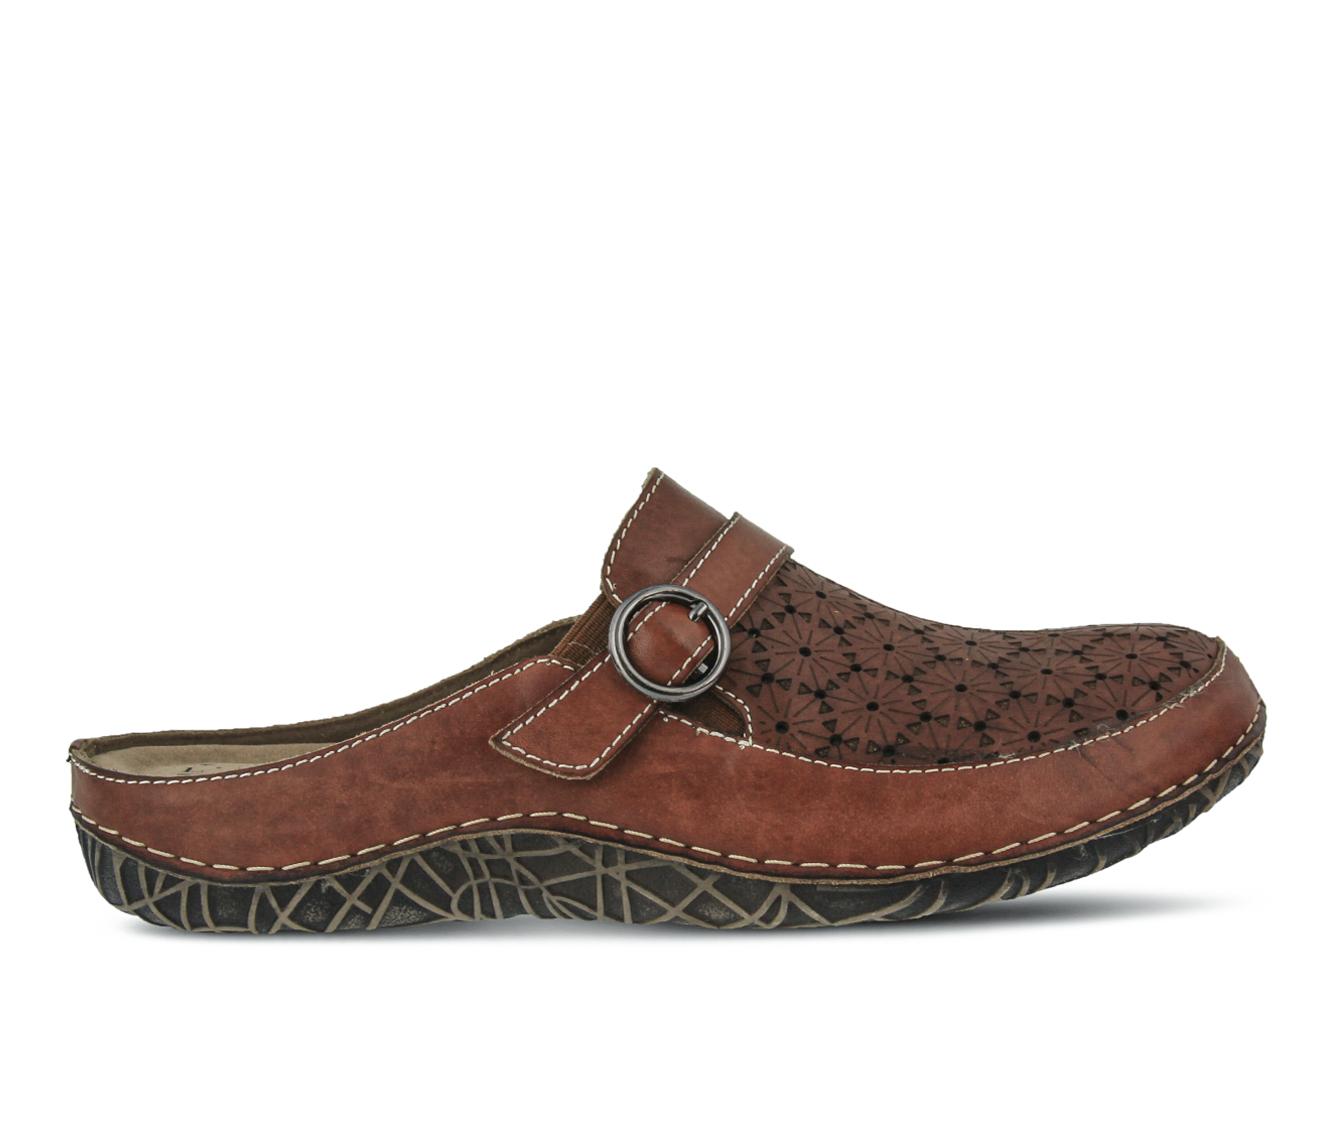 L'Artiste Laniraz Women's Shoe (Brown Leather)